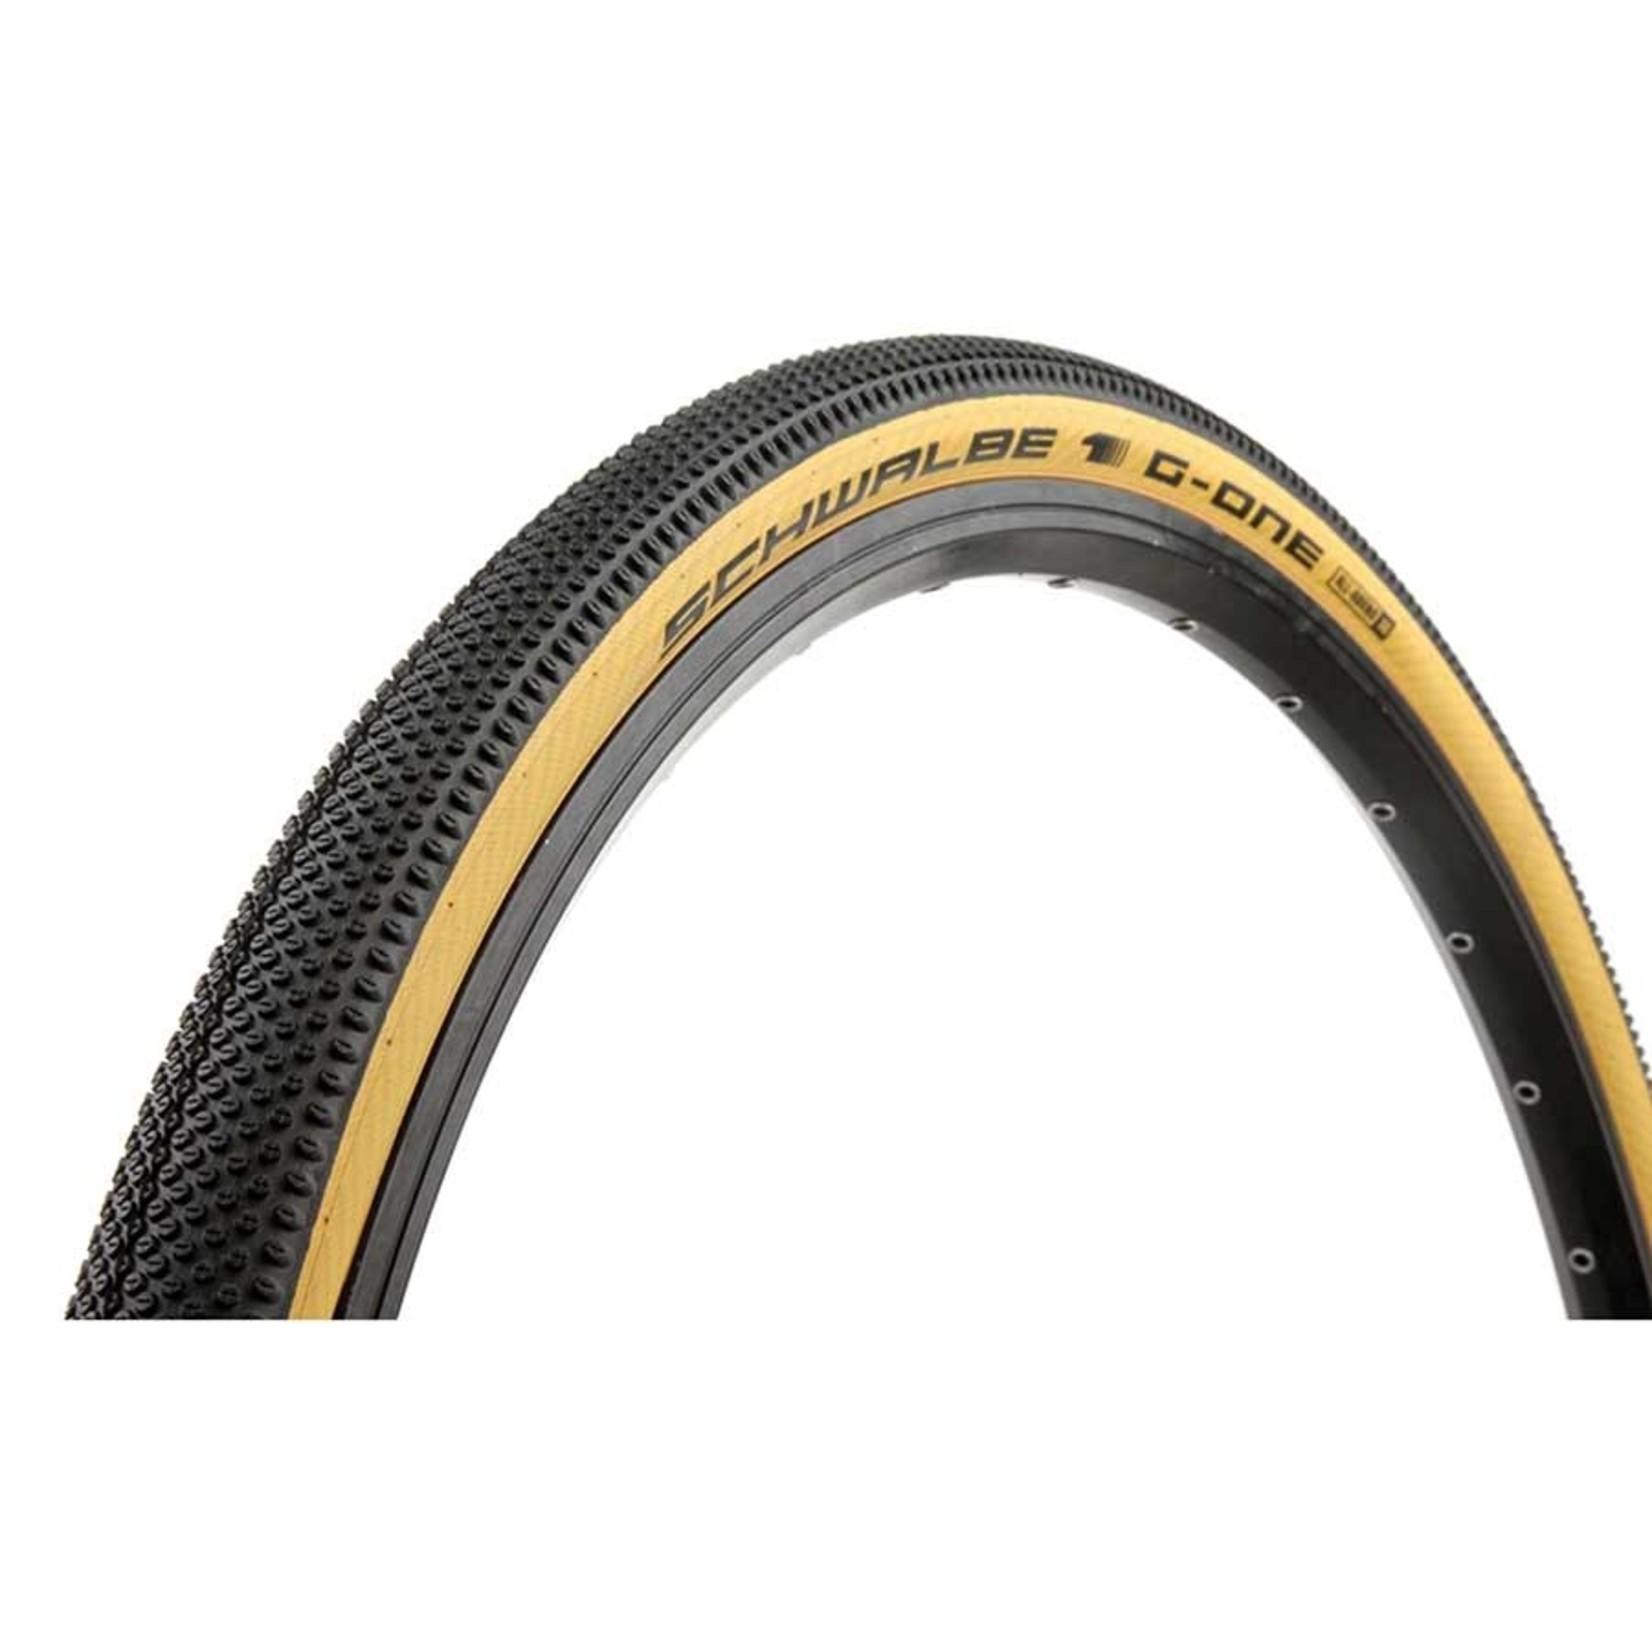 Schwalbe Schwalbe G-One Allround Performance Raceguard Tire